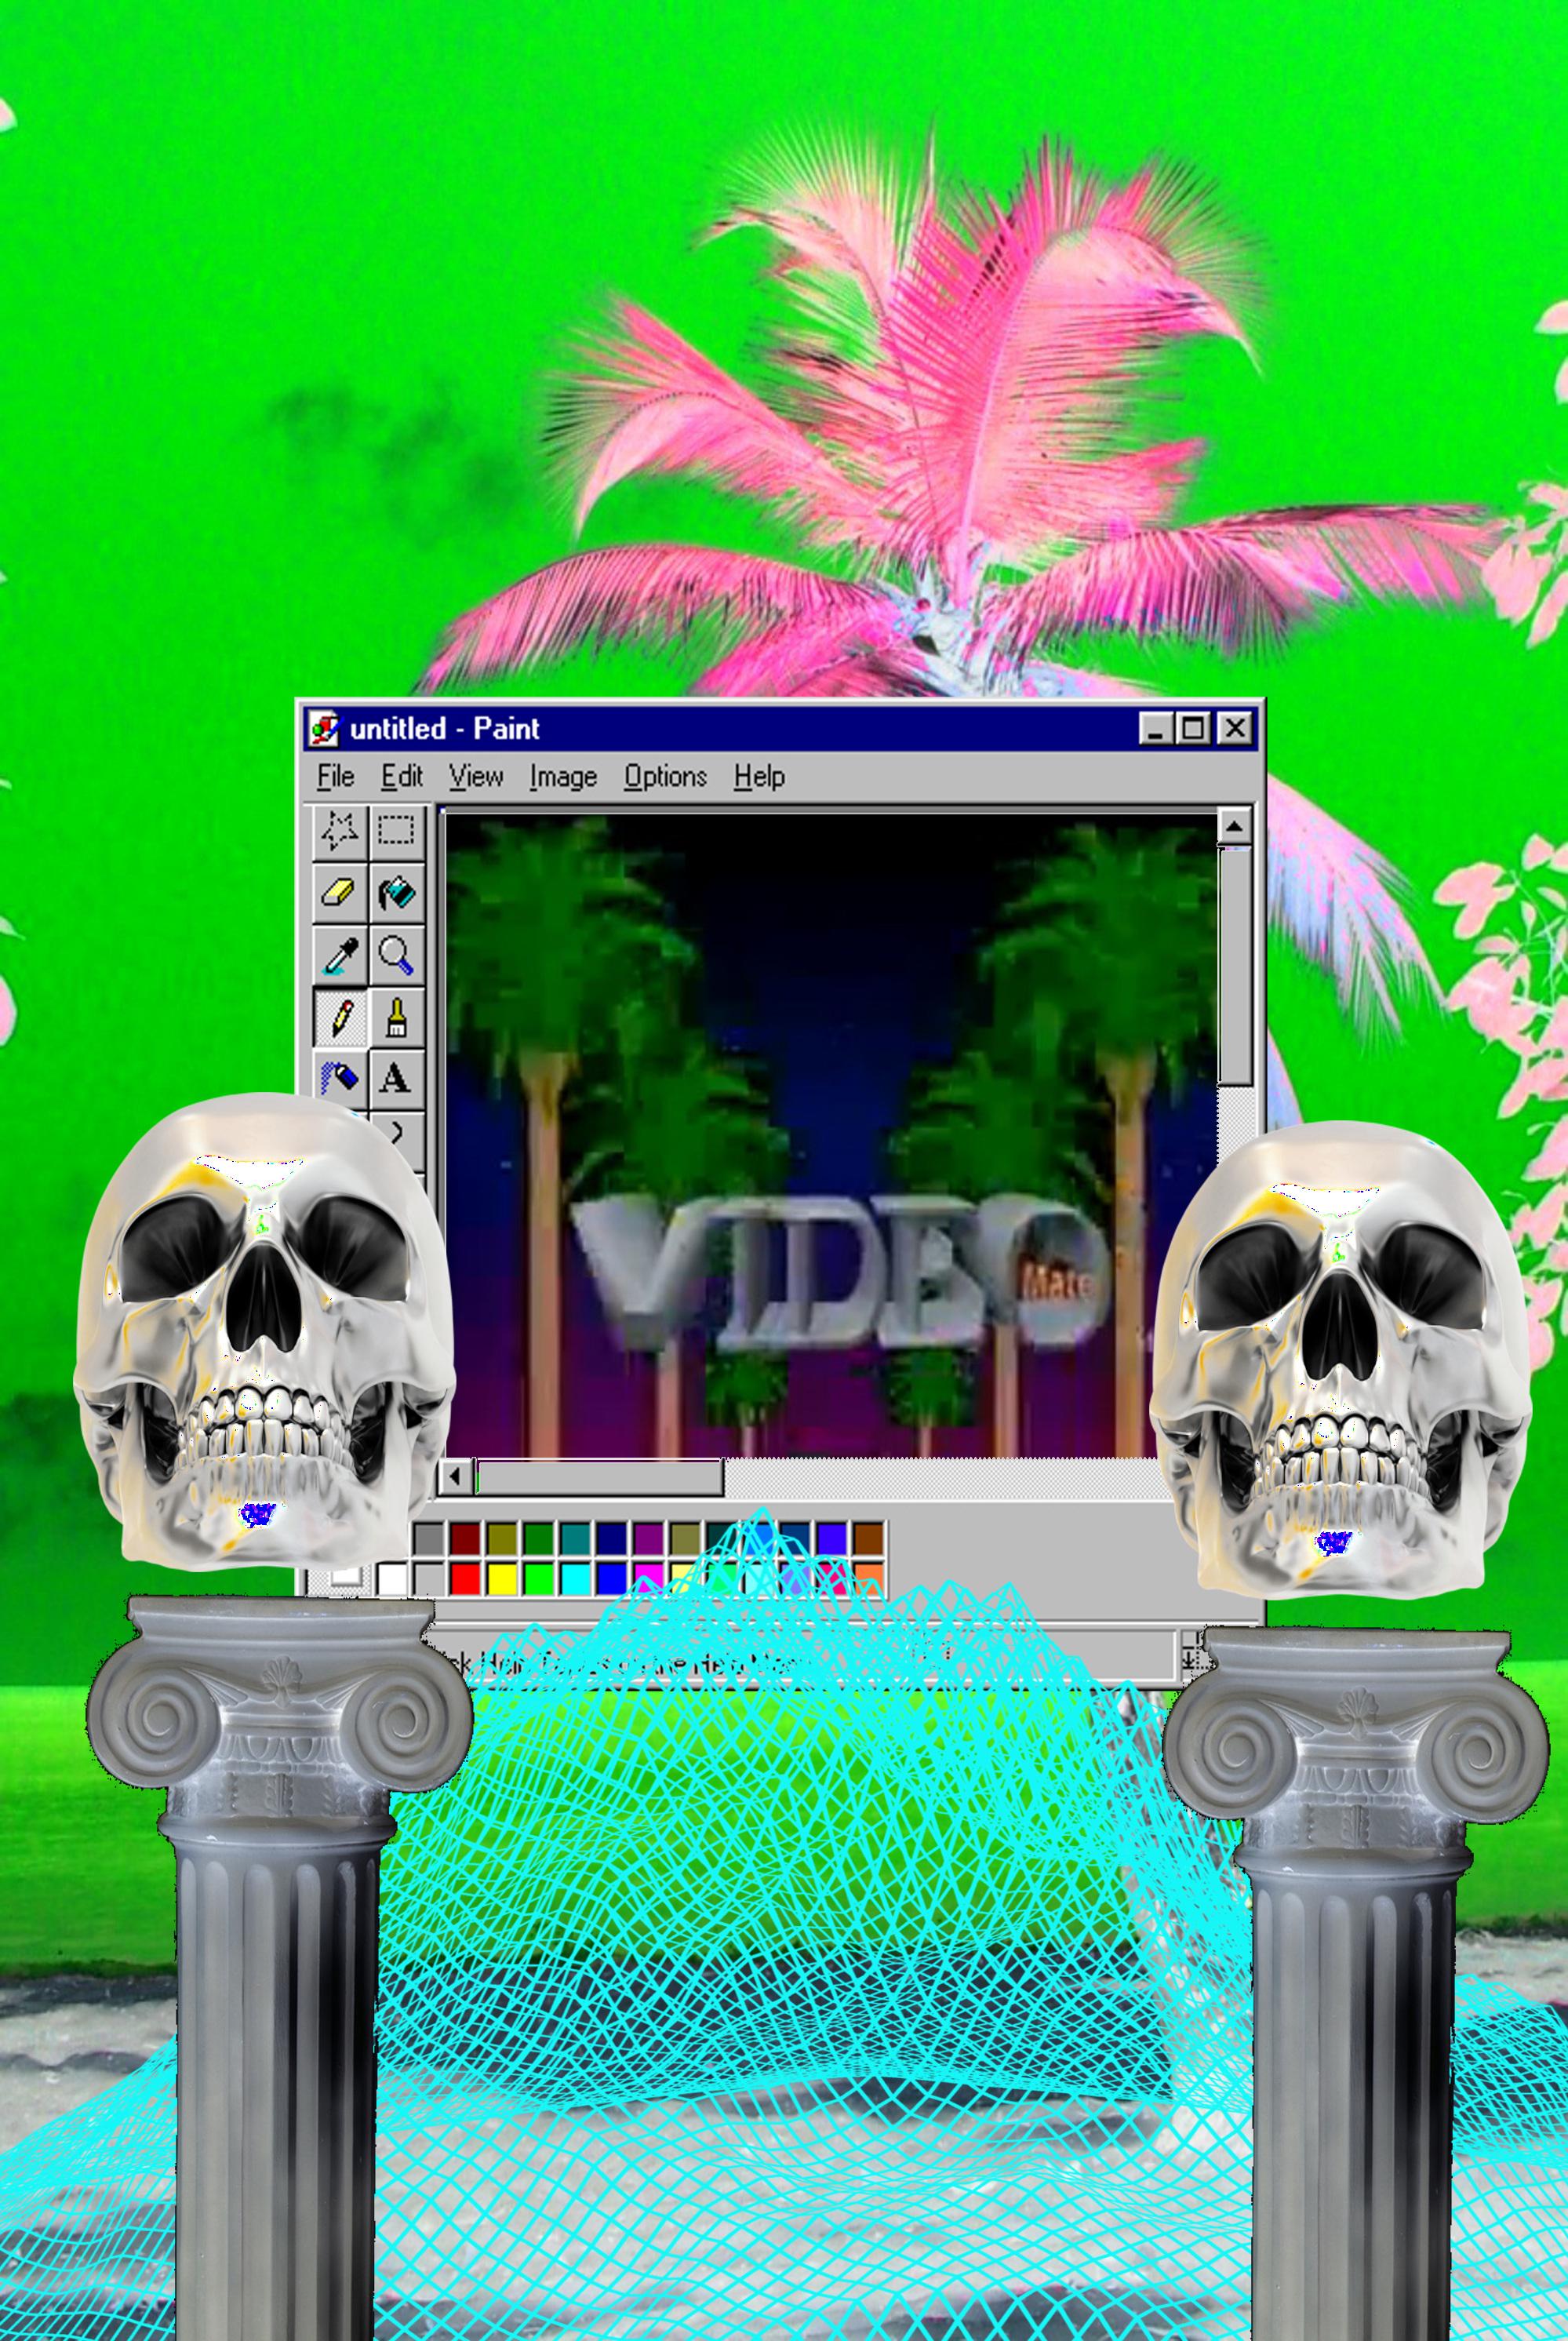 Alternate-s-Aesthetic-Vaporwave-Follow-http-capersnvapors-tumblr-com-for-more-Vaporwave-art-wallpaper-wp4804064